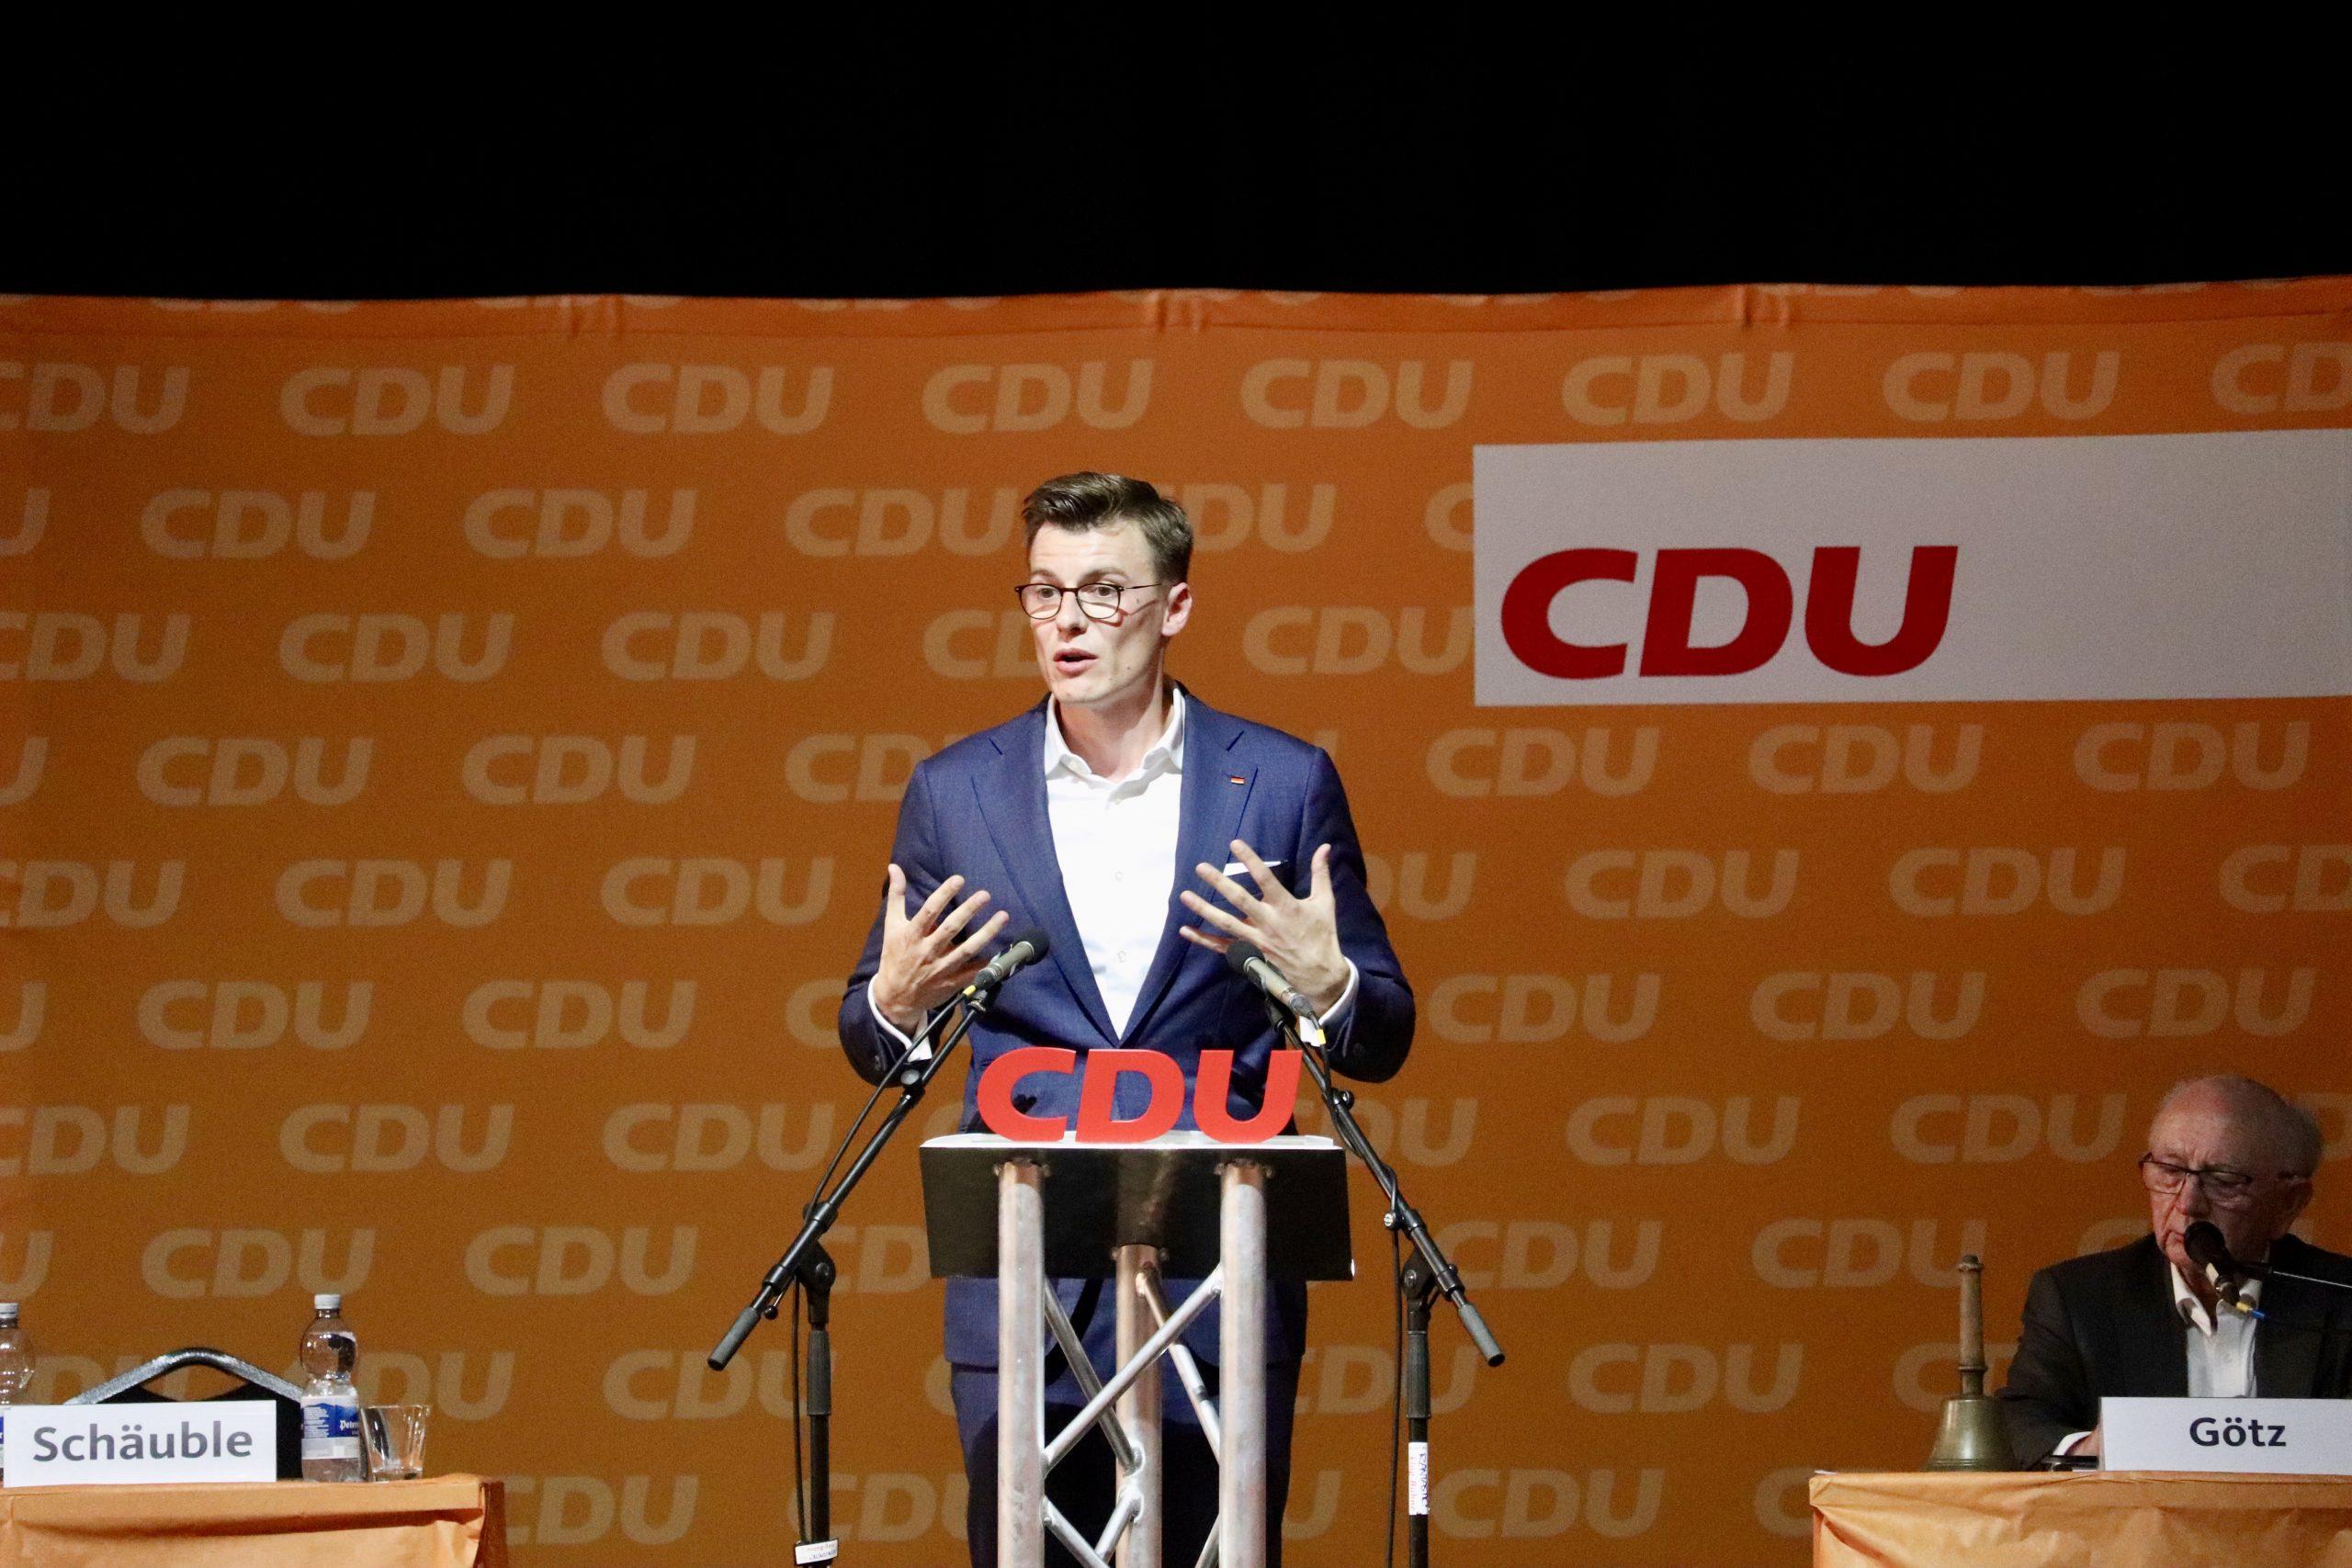 Kai Whittaker ist CDU-Bundestagskandidat